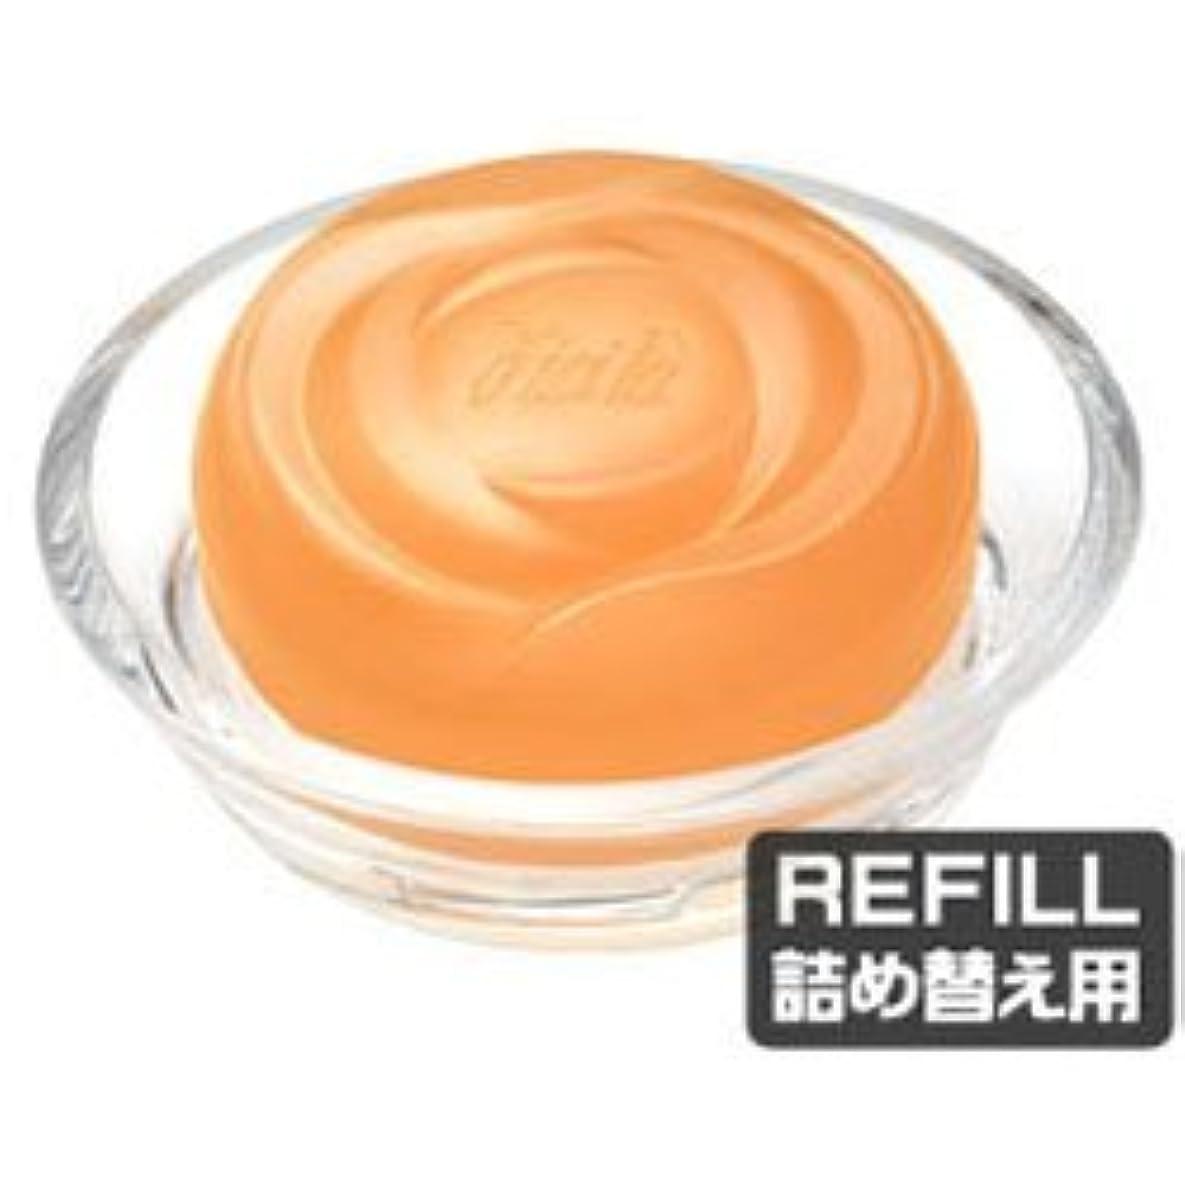 分析的真鍮繊毛【ディシラ】EX フォーミングリッチ ケーク レフィル 100g